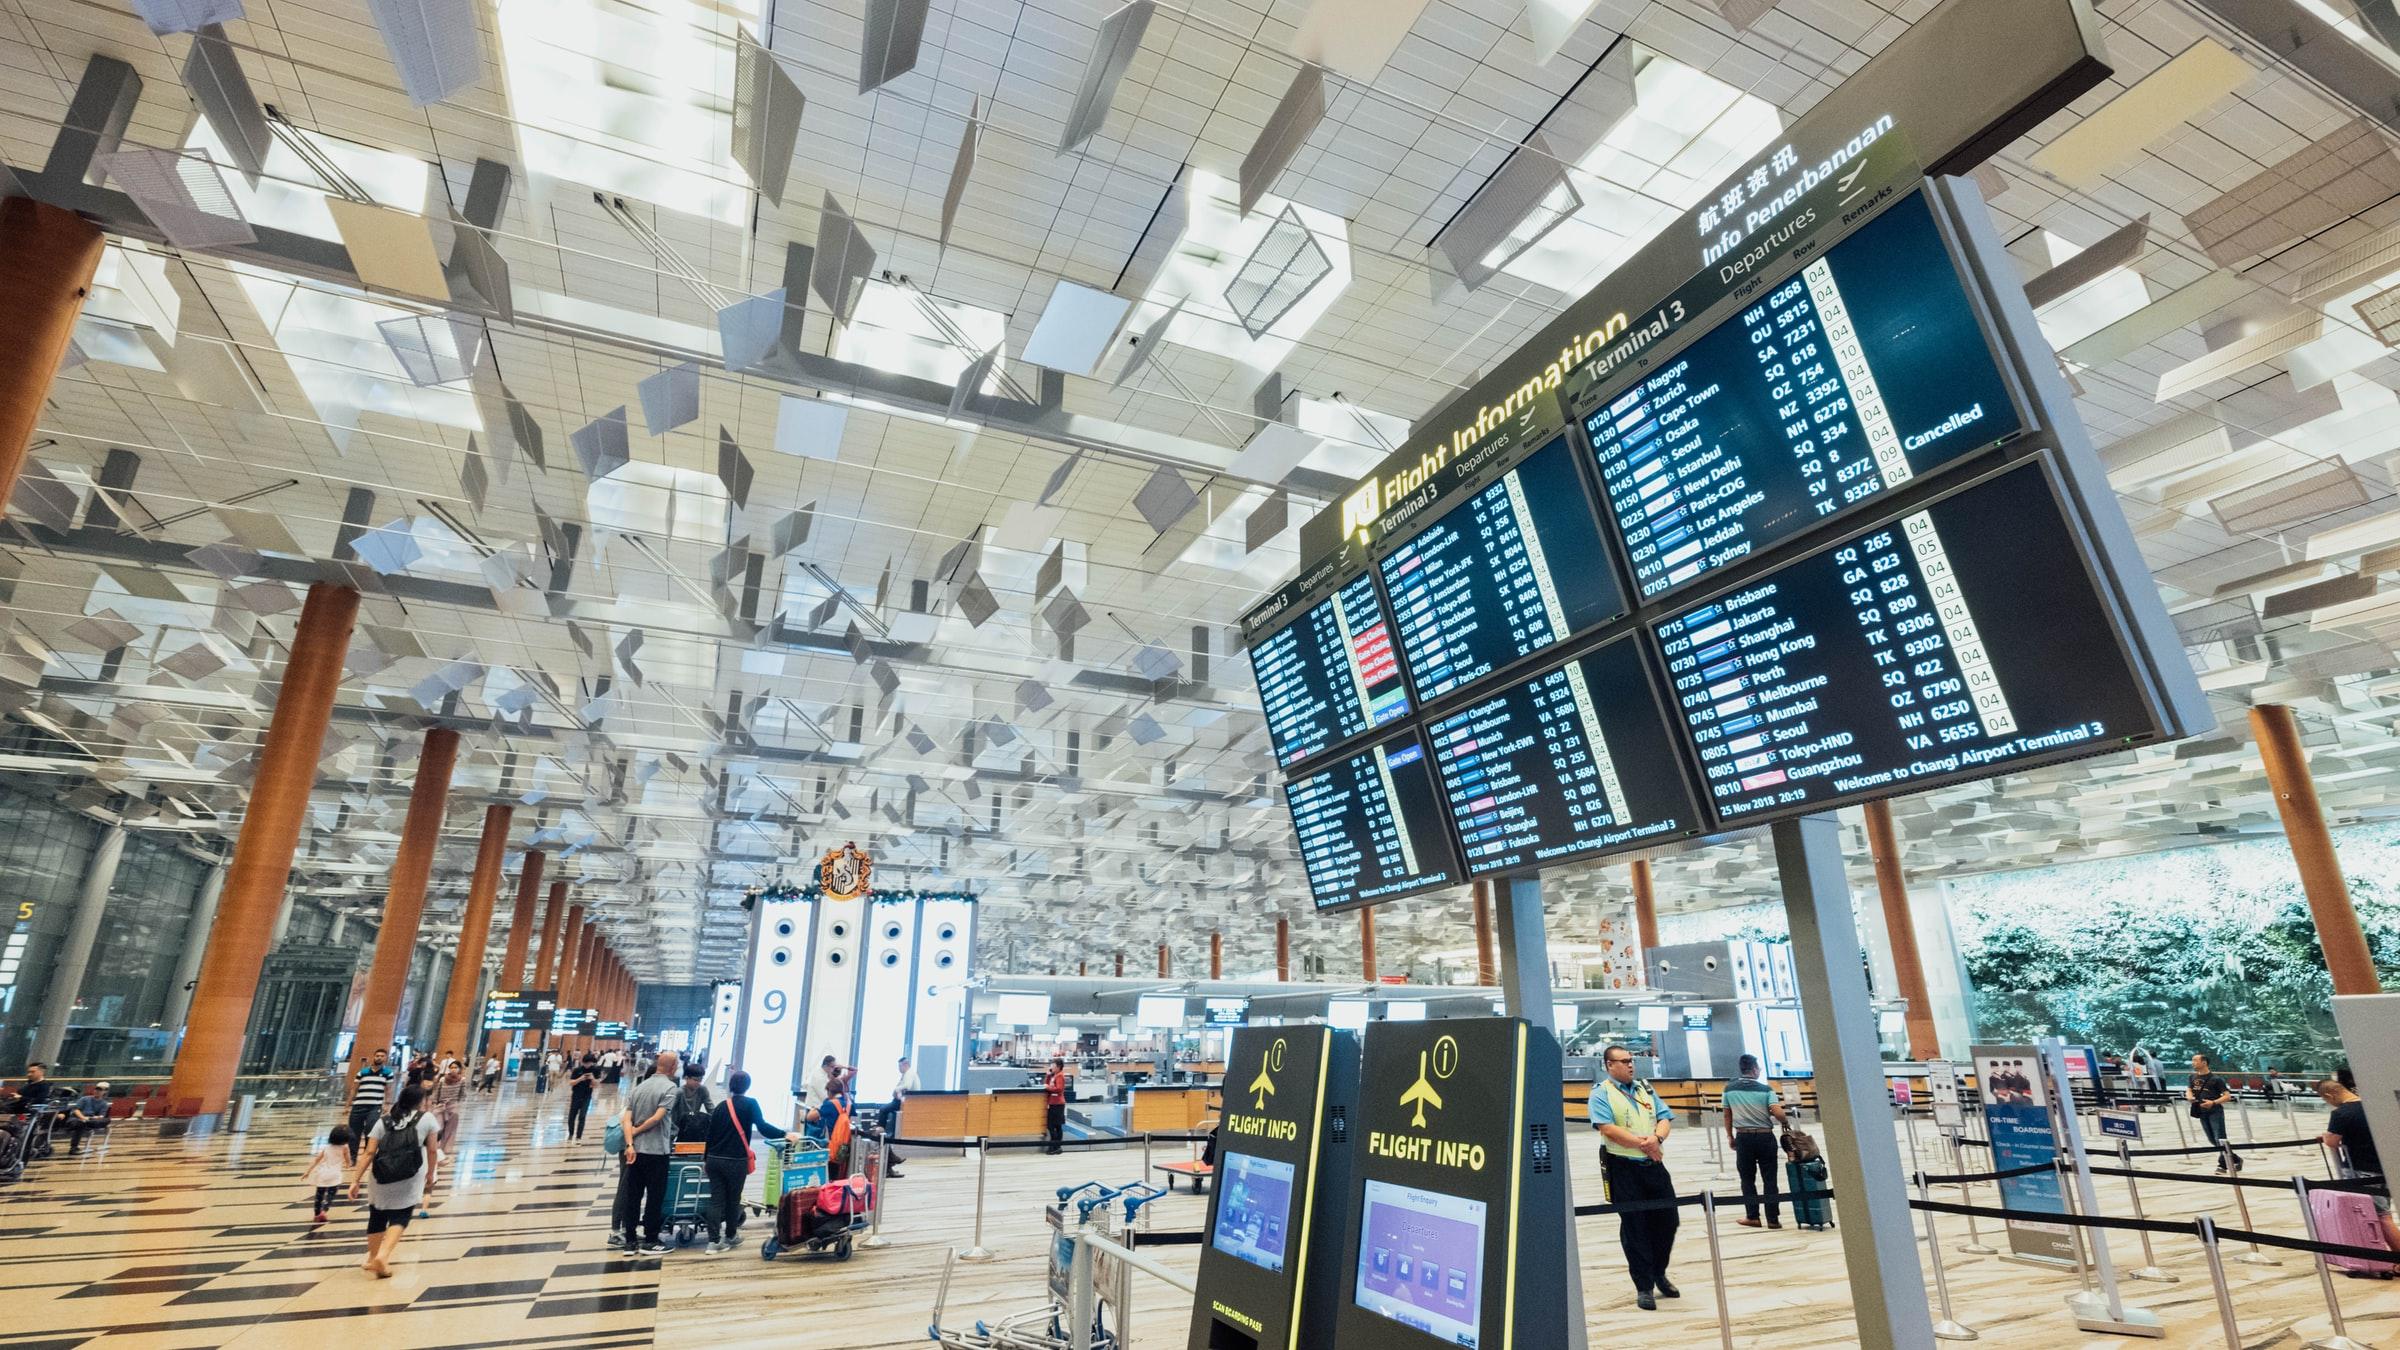 terminal security